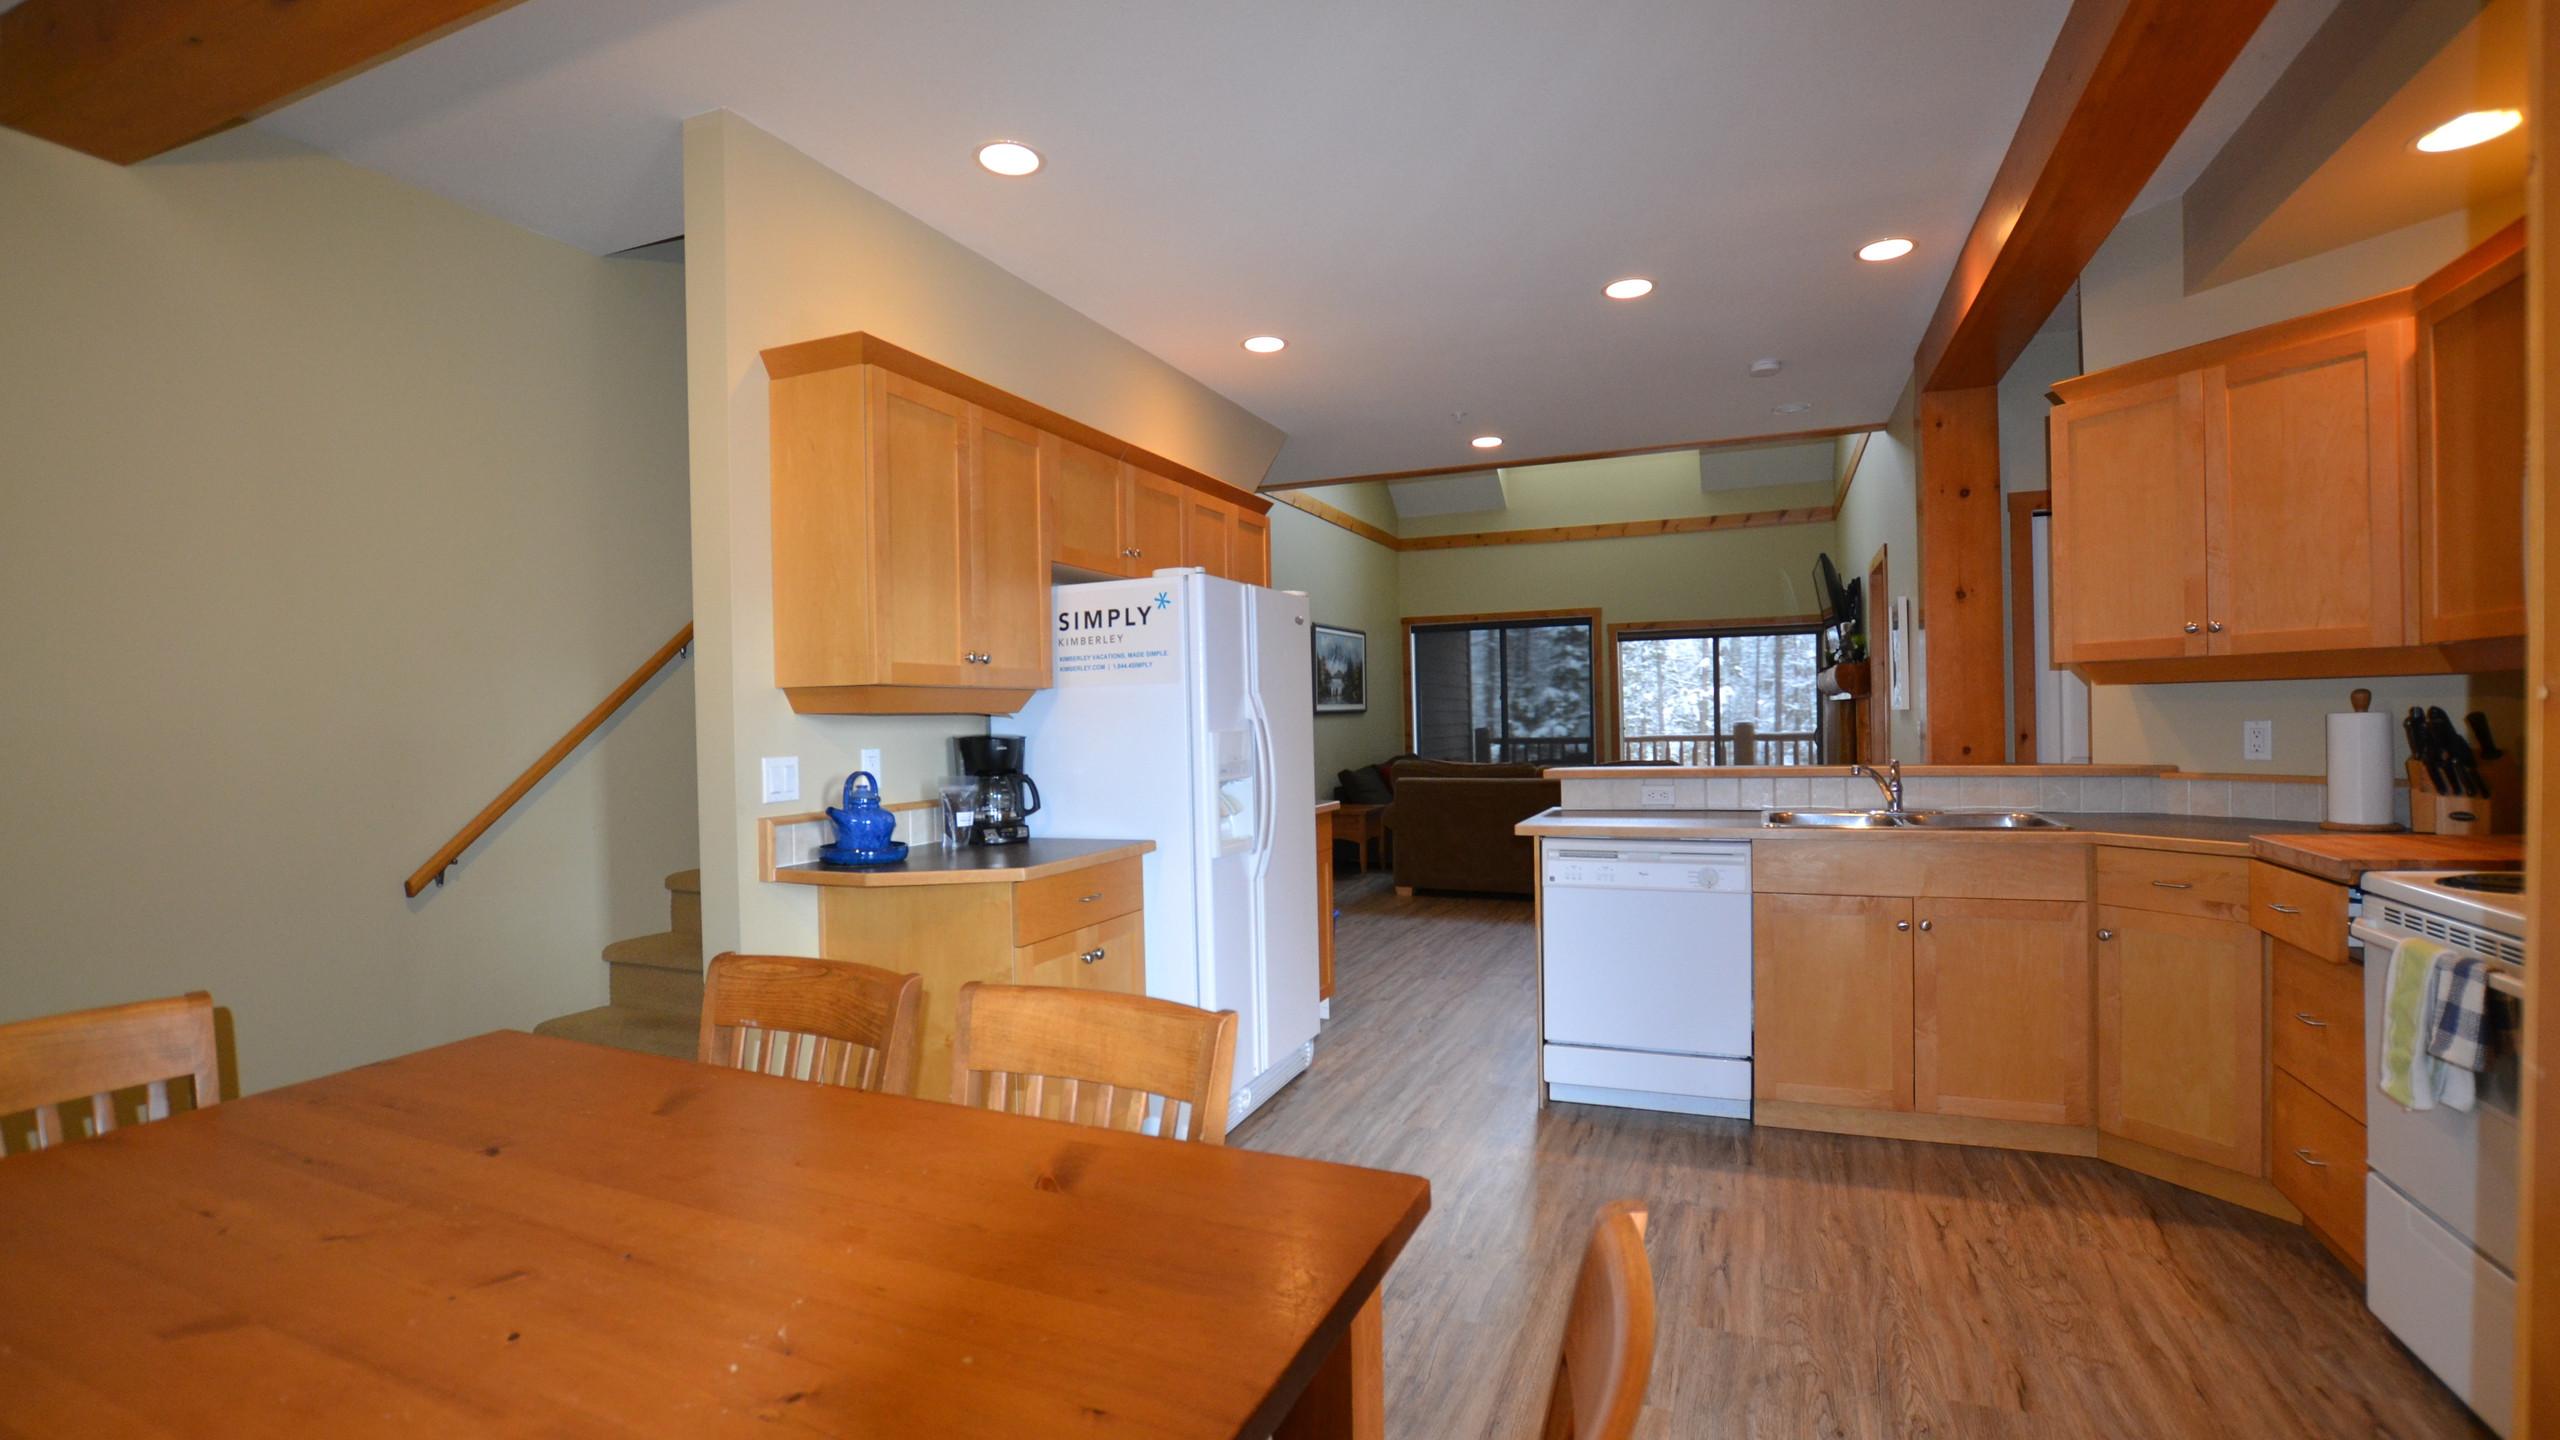 410 Kitchen to LR